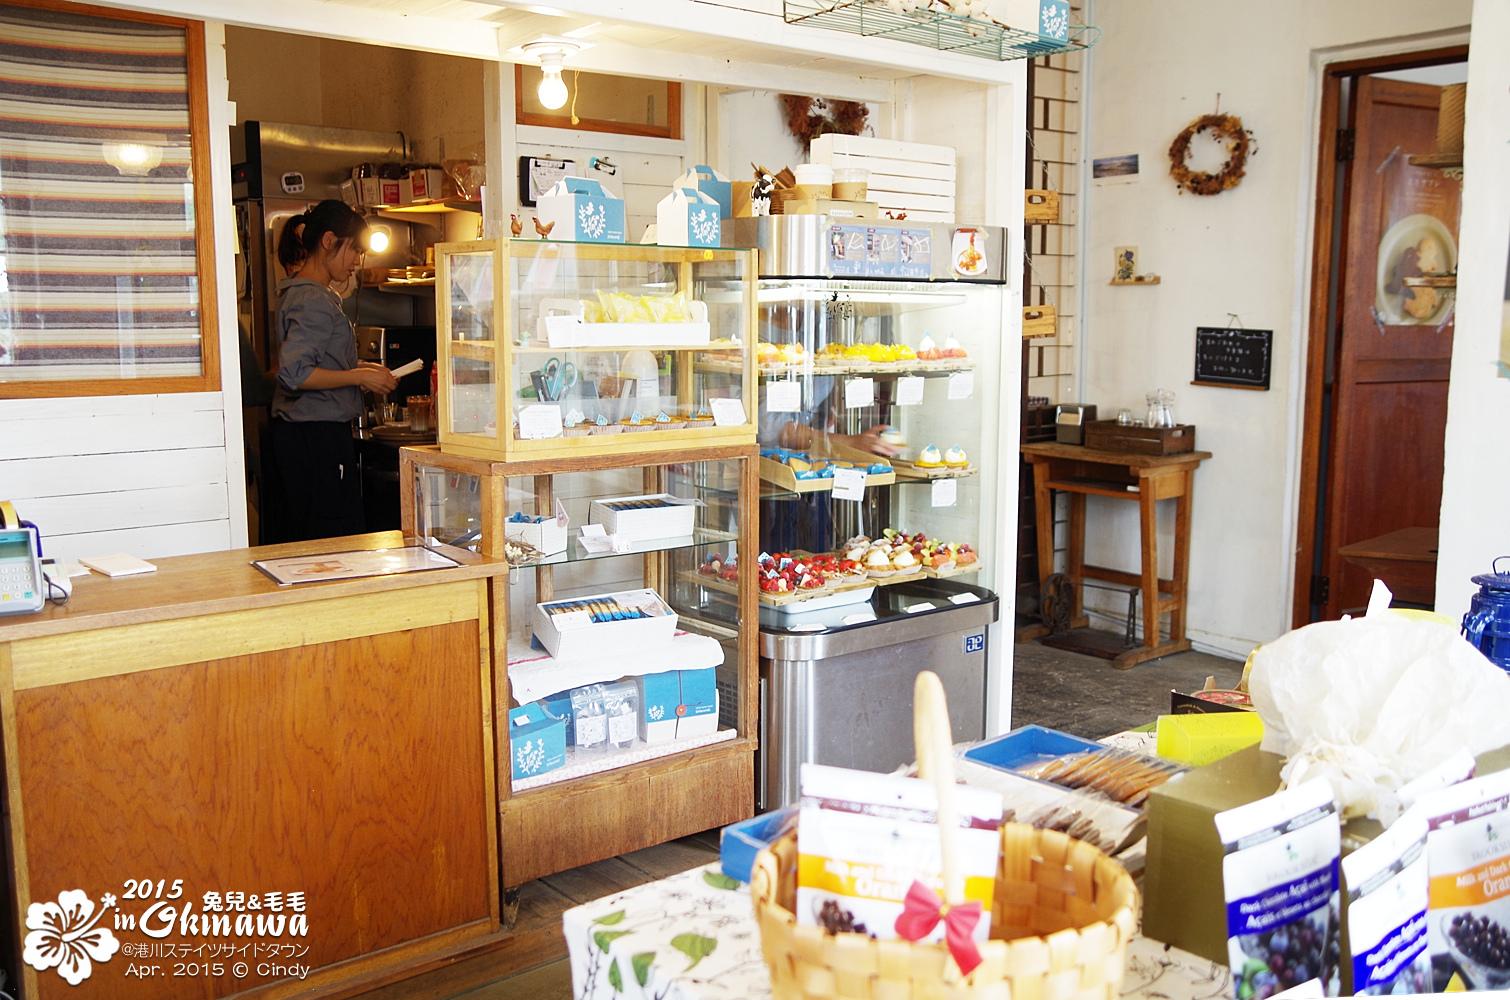 2015-0407-港川外人住宅-36.jpg